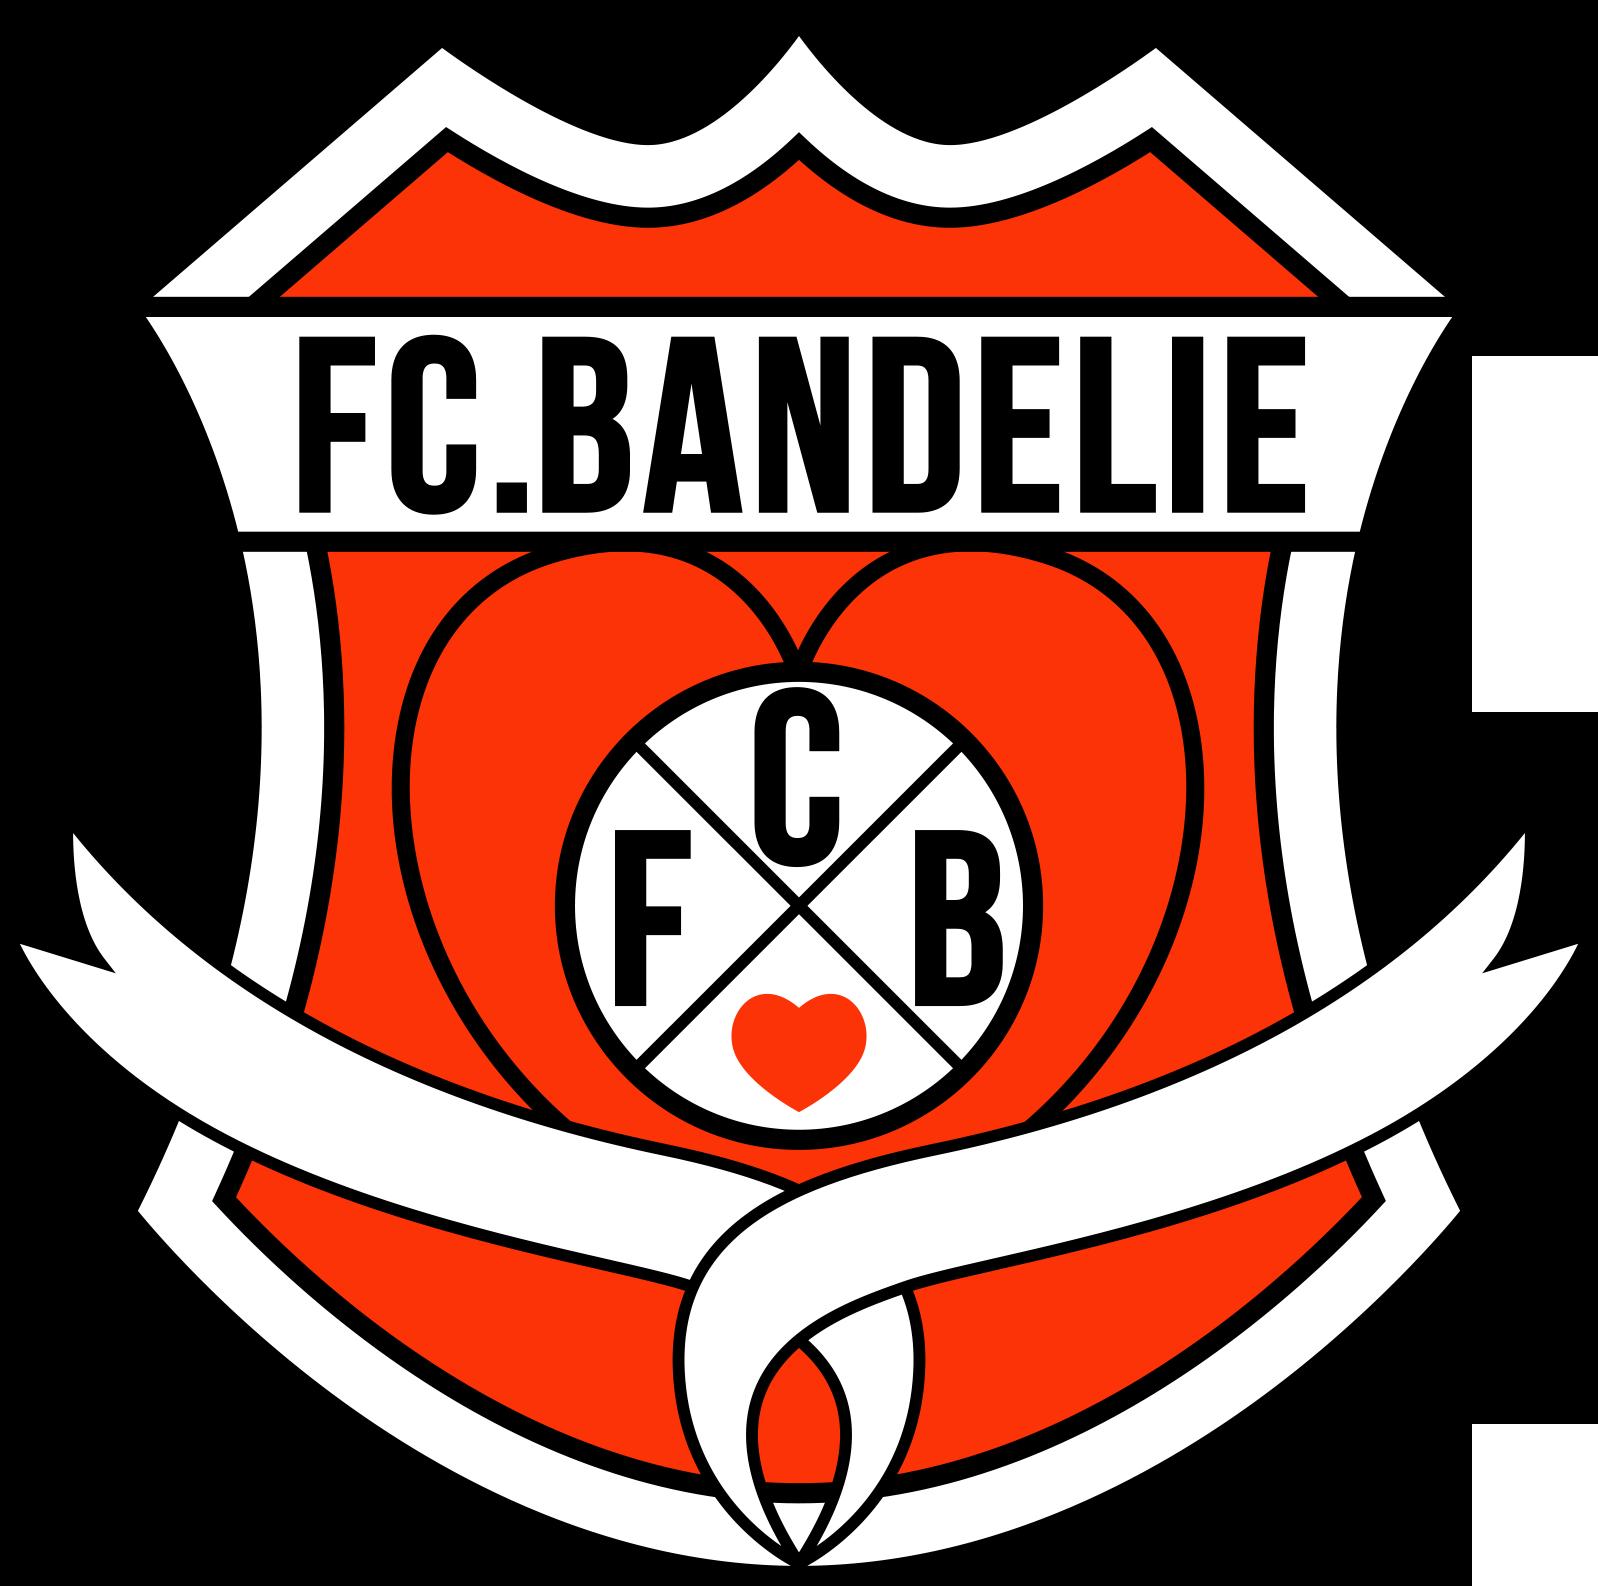 BANDELIE